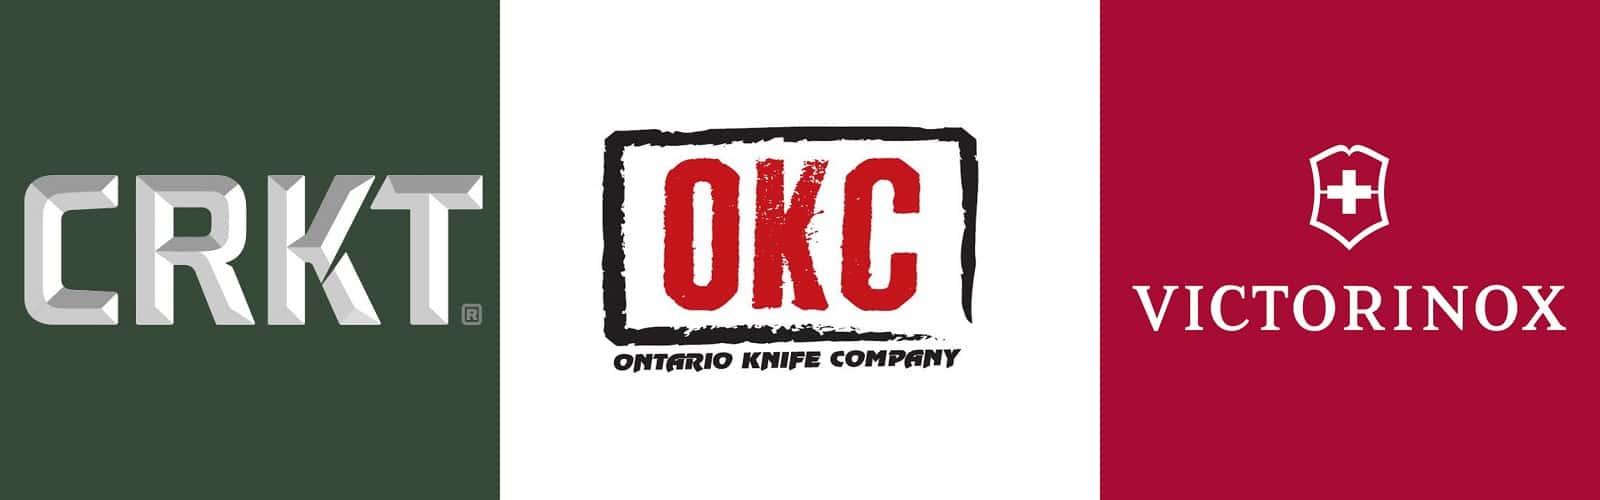 Nossas Marcas de Facas e Canivetes